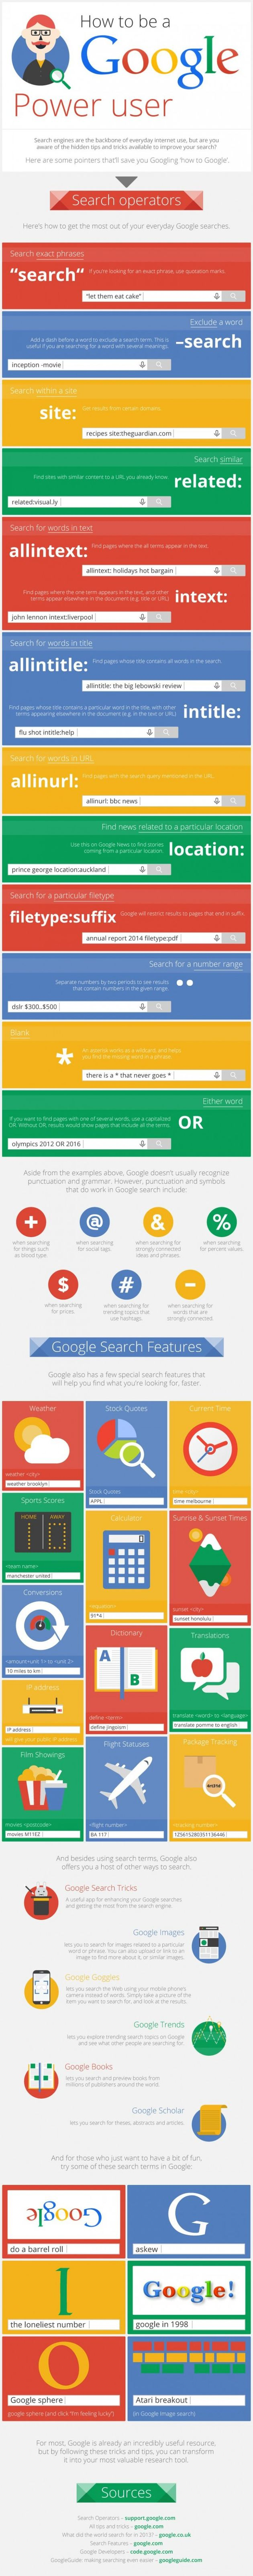 infographic zo word je een google power player